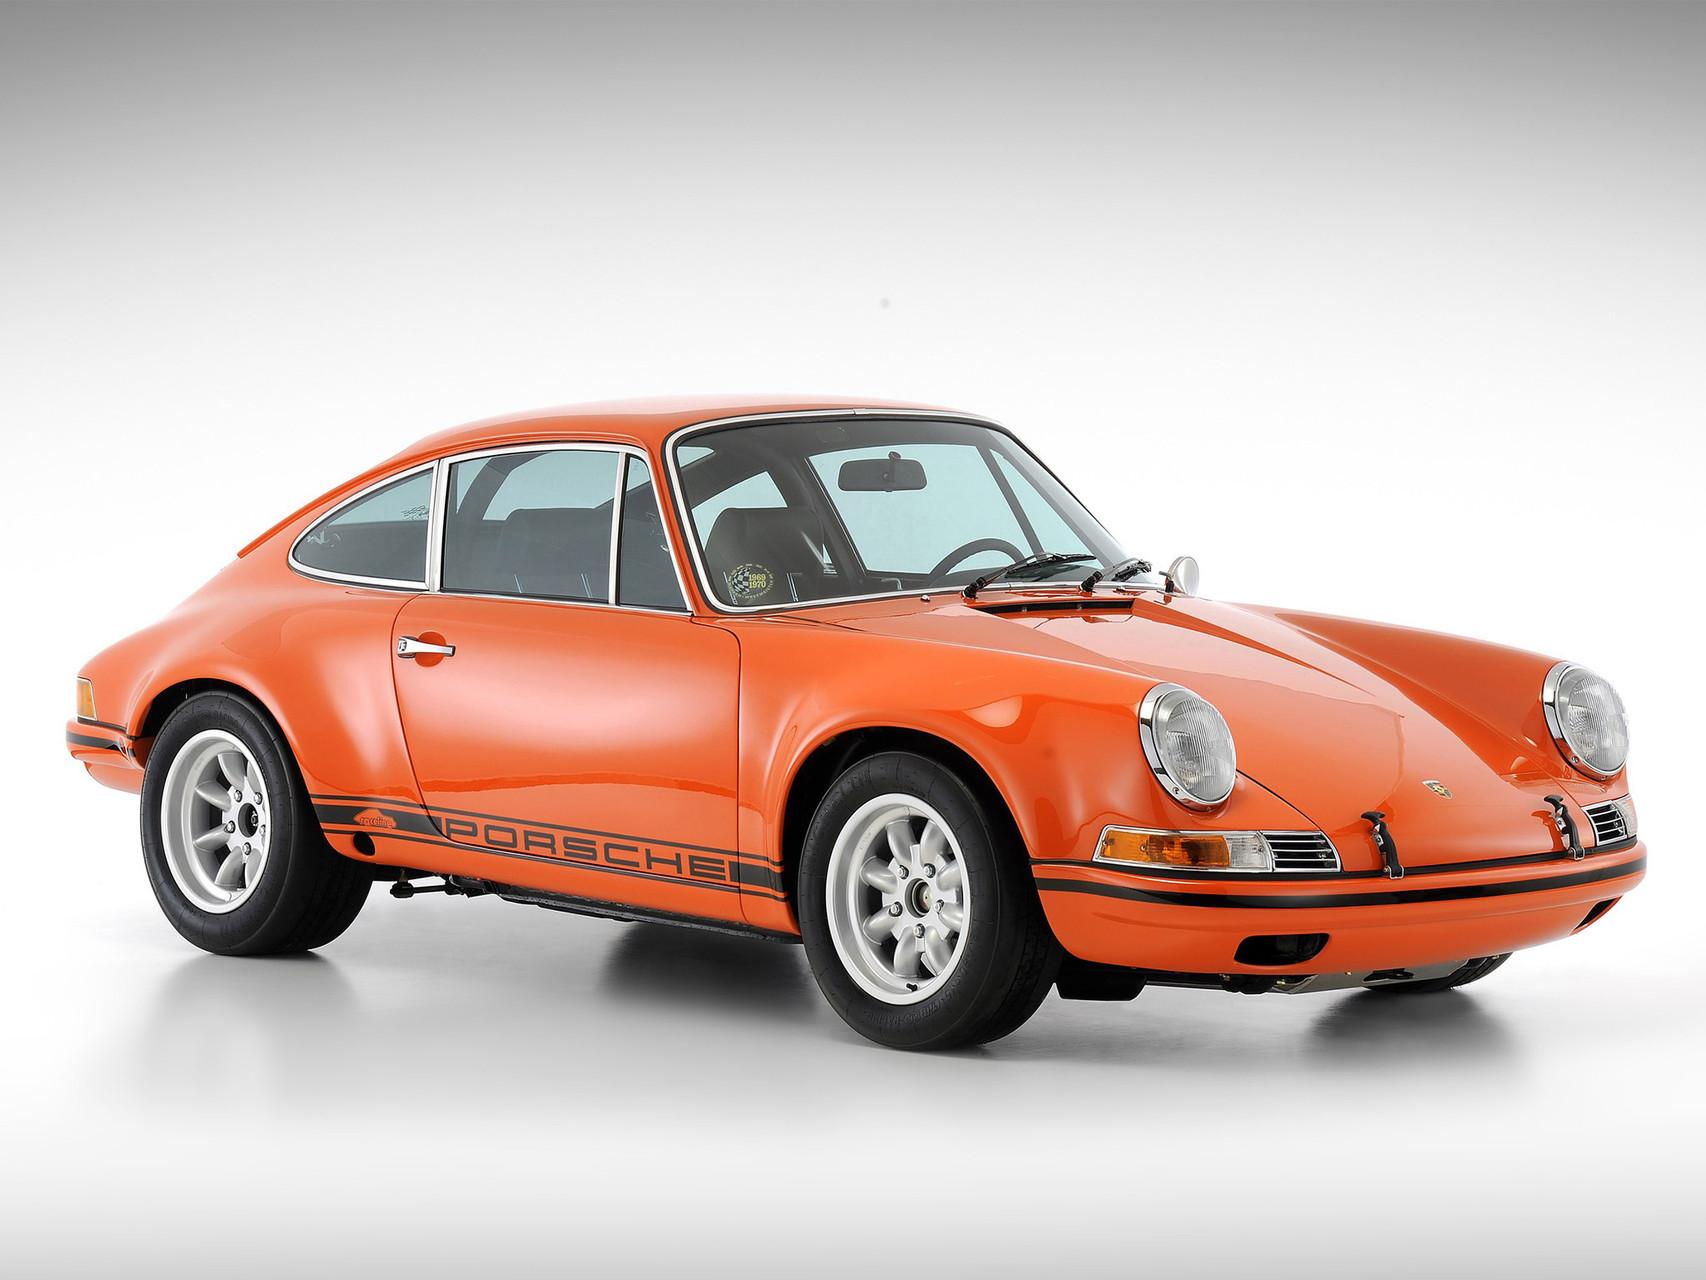 Porsche 911 - DESIGN FA PORSCHE: Brand new? Or did Porsche retain the classic shape? NEUE IDEE VON FA PORSCHE ODER DOCH DIE FORM BEWAHRT?